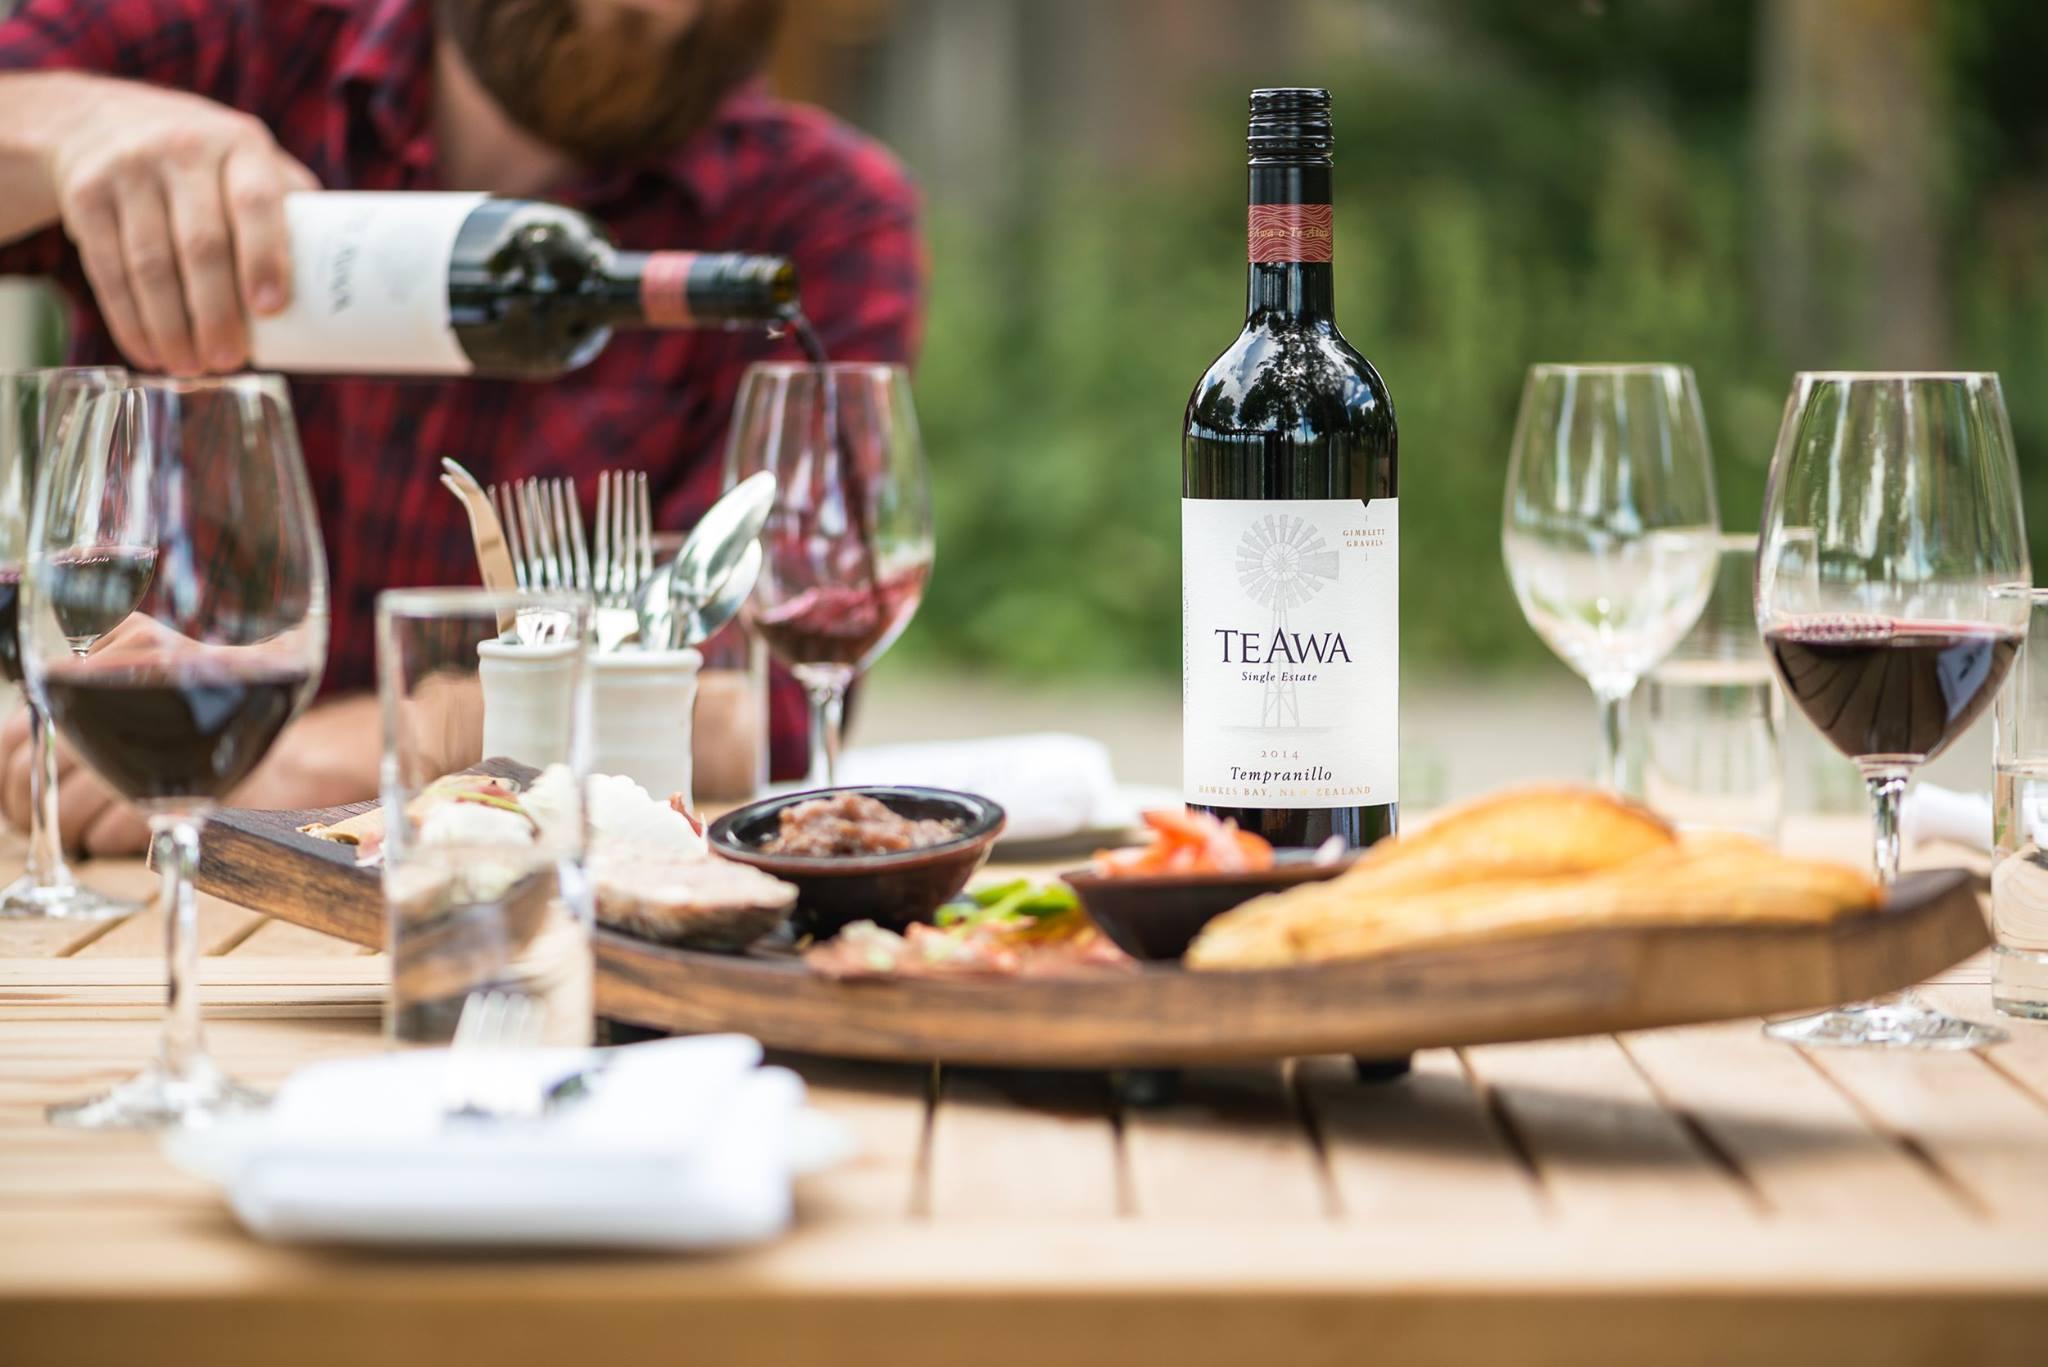 Te Awa Winery and Restaurant